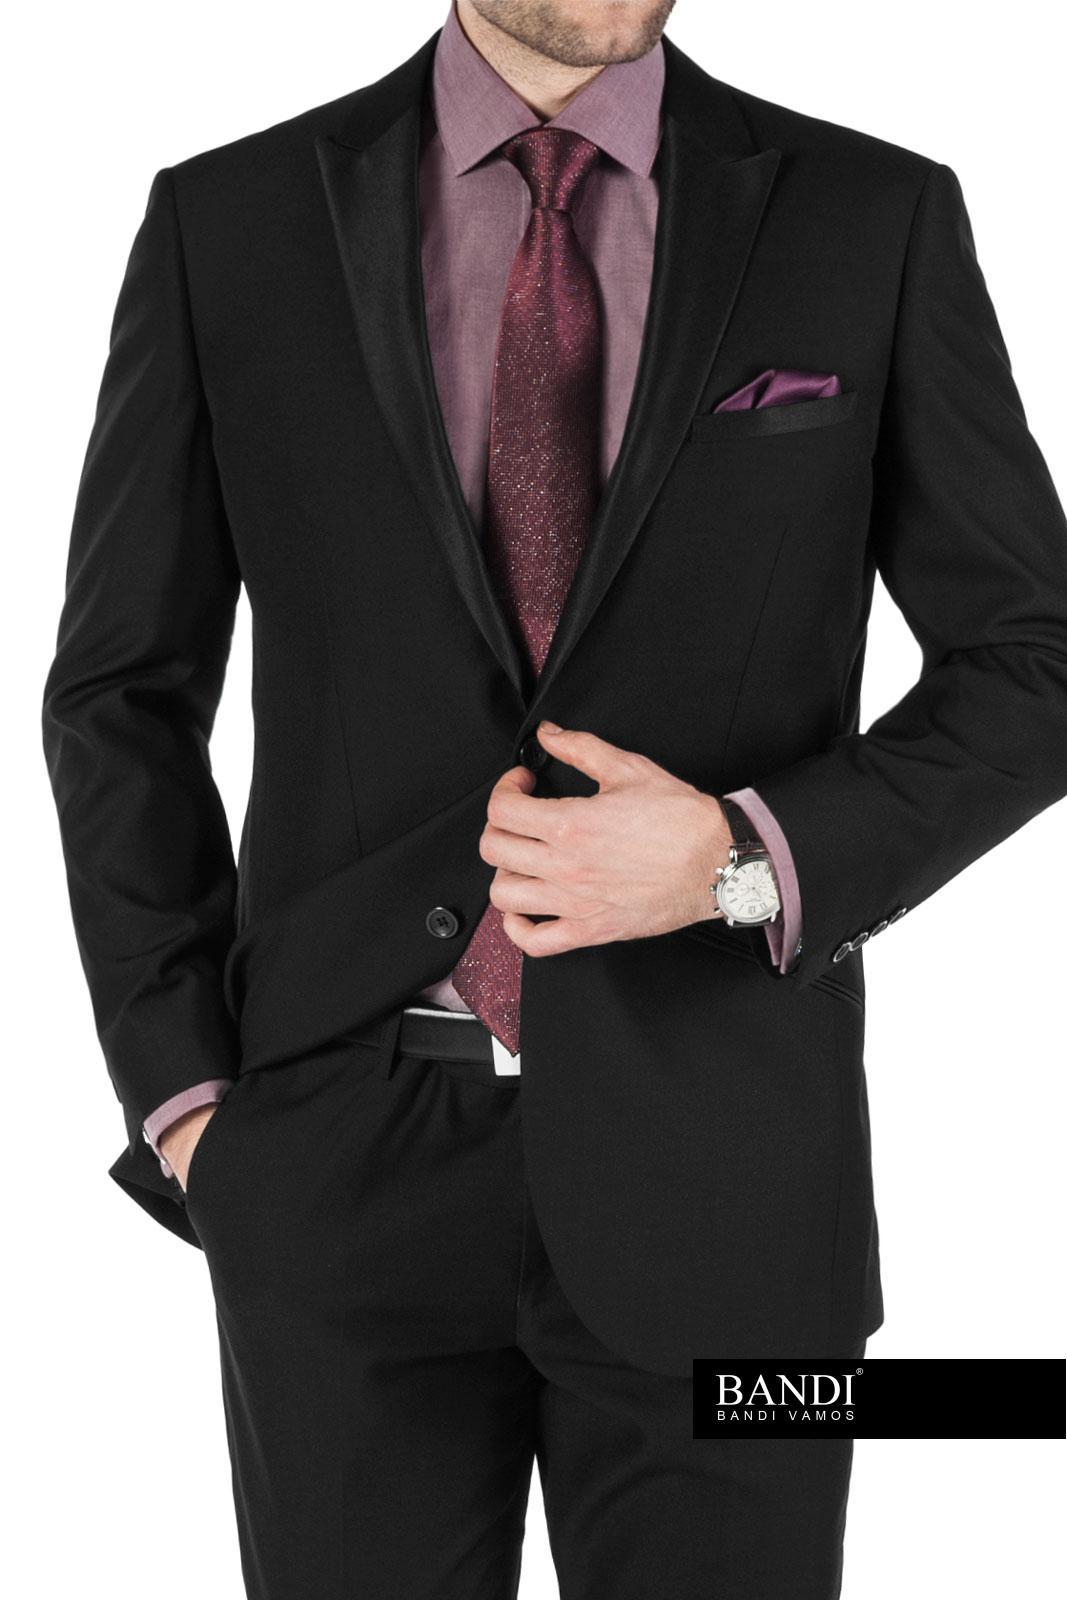 Příklad outfitu na ples – bordó kravata